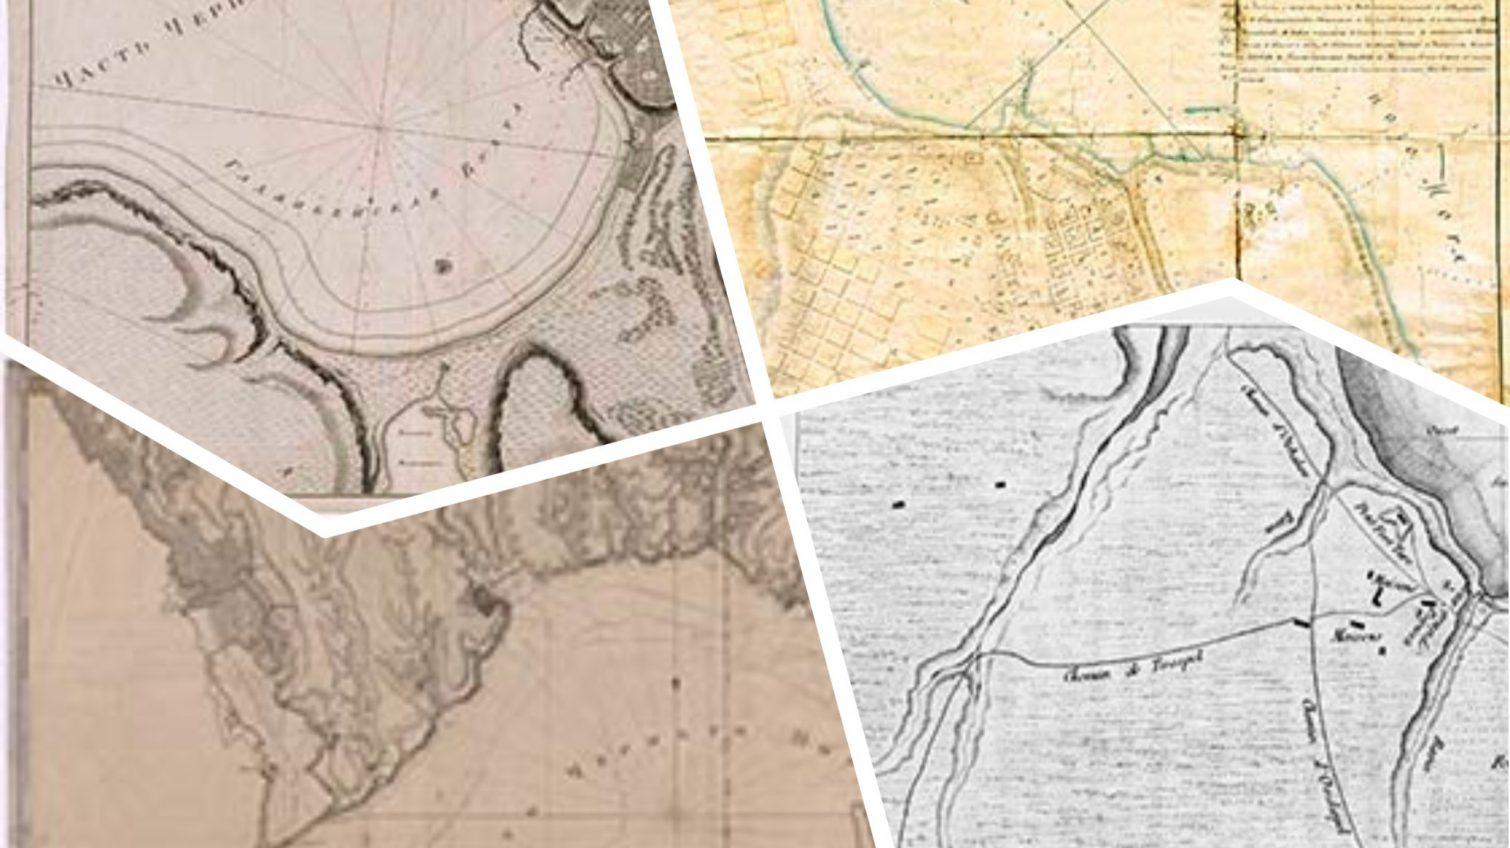 От XVI века до аэросъемки 1940-х: в Одессе оцифровали старинные карты «фото»